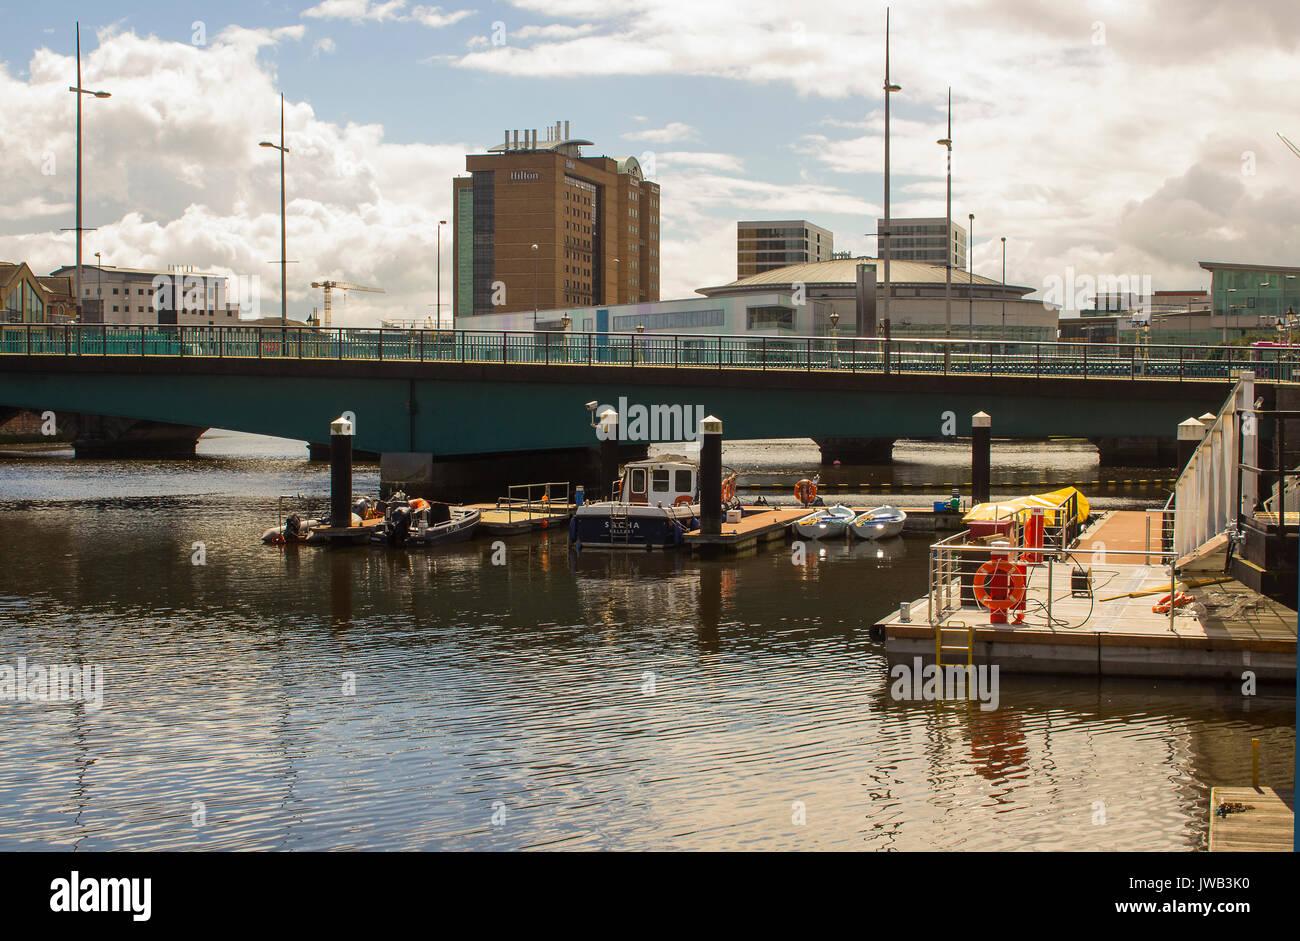 Pequeñas embarcaciones en sus amarras en el Queen Elizabeth 2 puente que cruza el río Lagan en Donegall Quay, en el puerto de Belfast, Irlanda del Norte Imagen De Stock